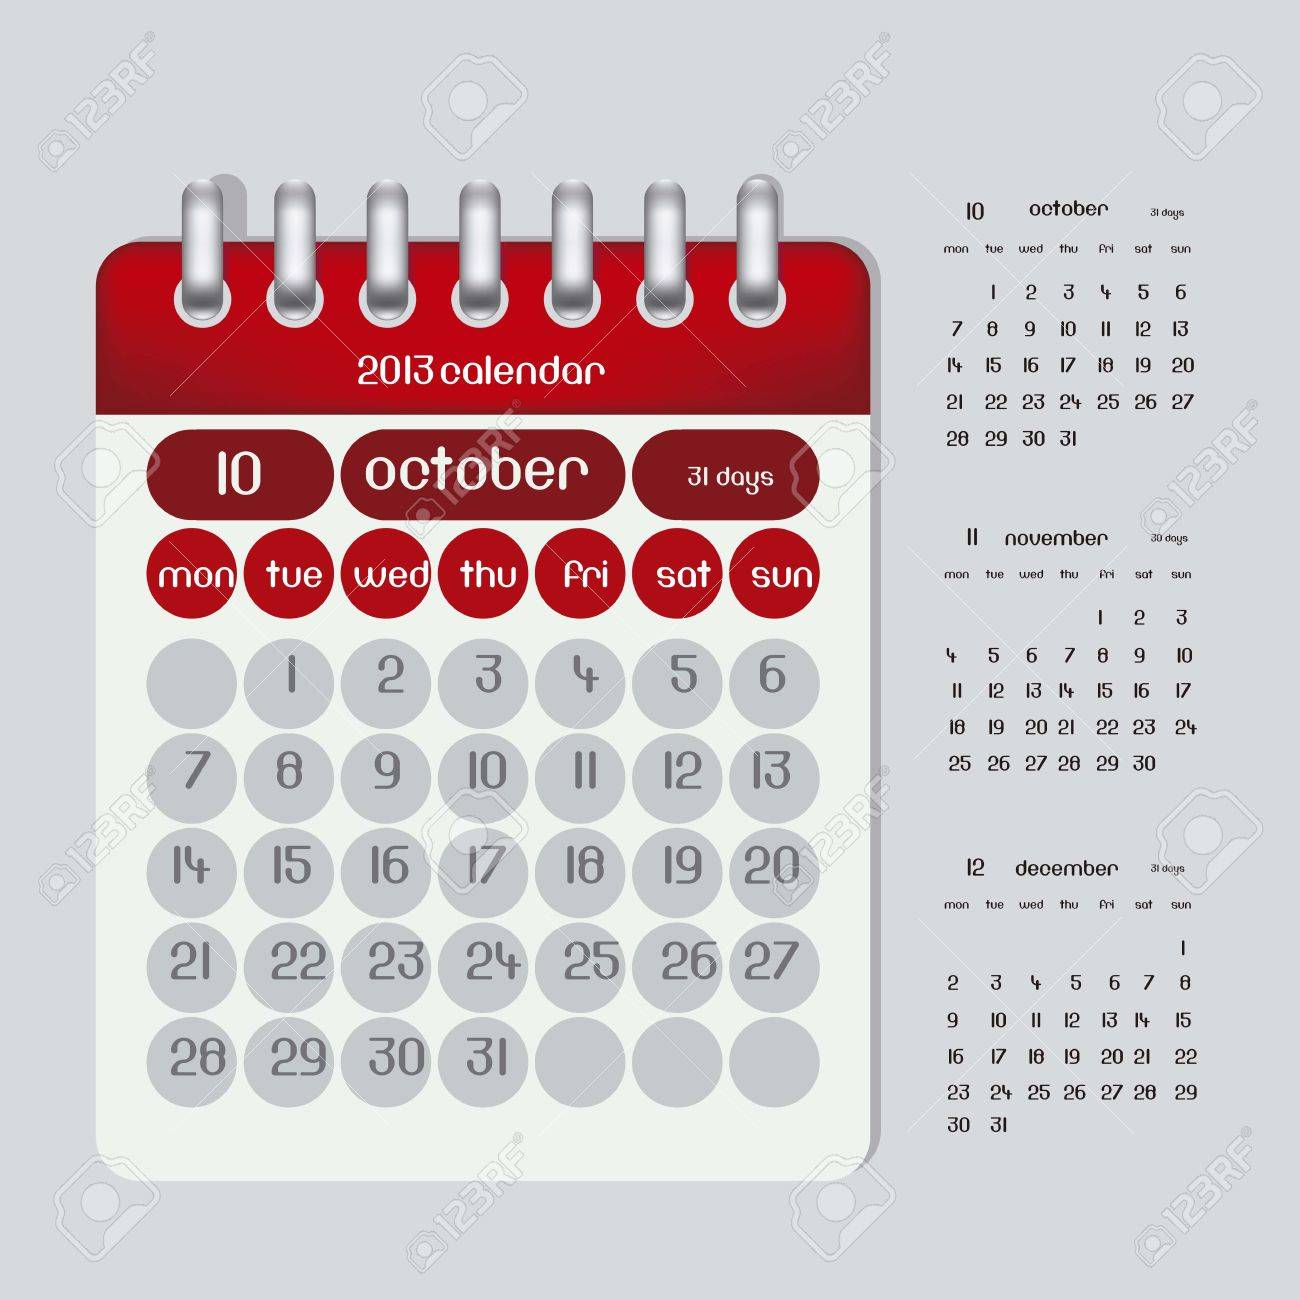 2013 カレンダー イラスト リング10 月11 月と 12 月の図は3 カ月